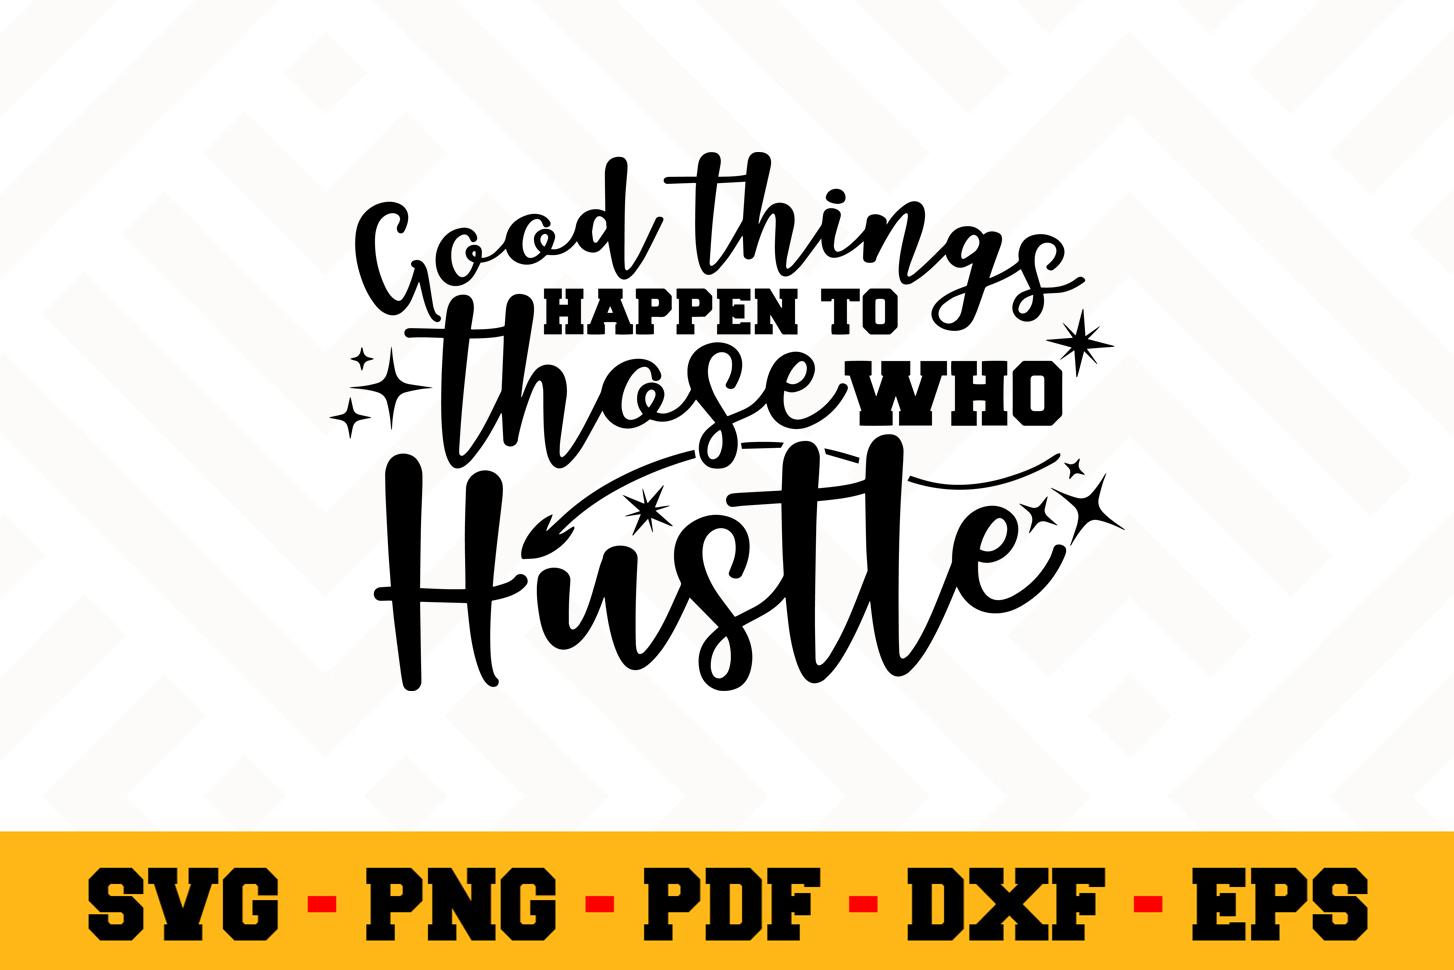 Motivation SVG Design n509 | Motivational Quote SVG File example image 1